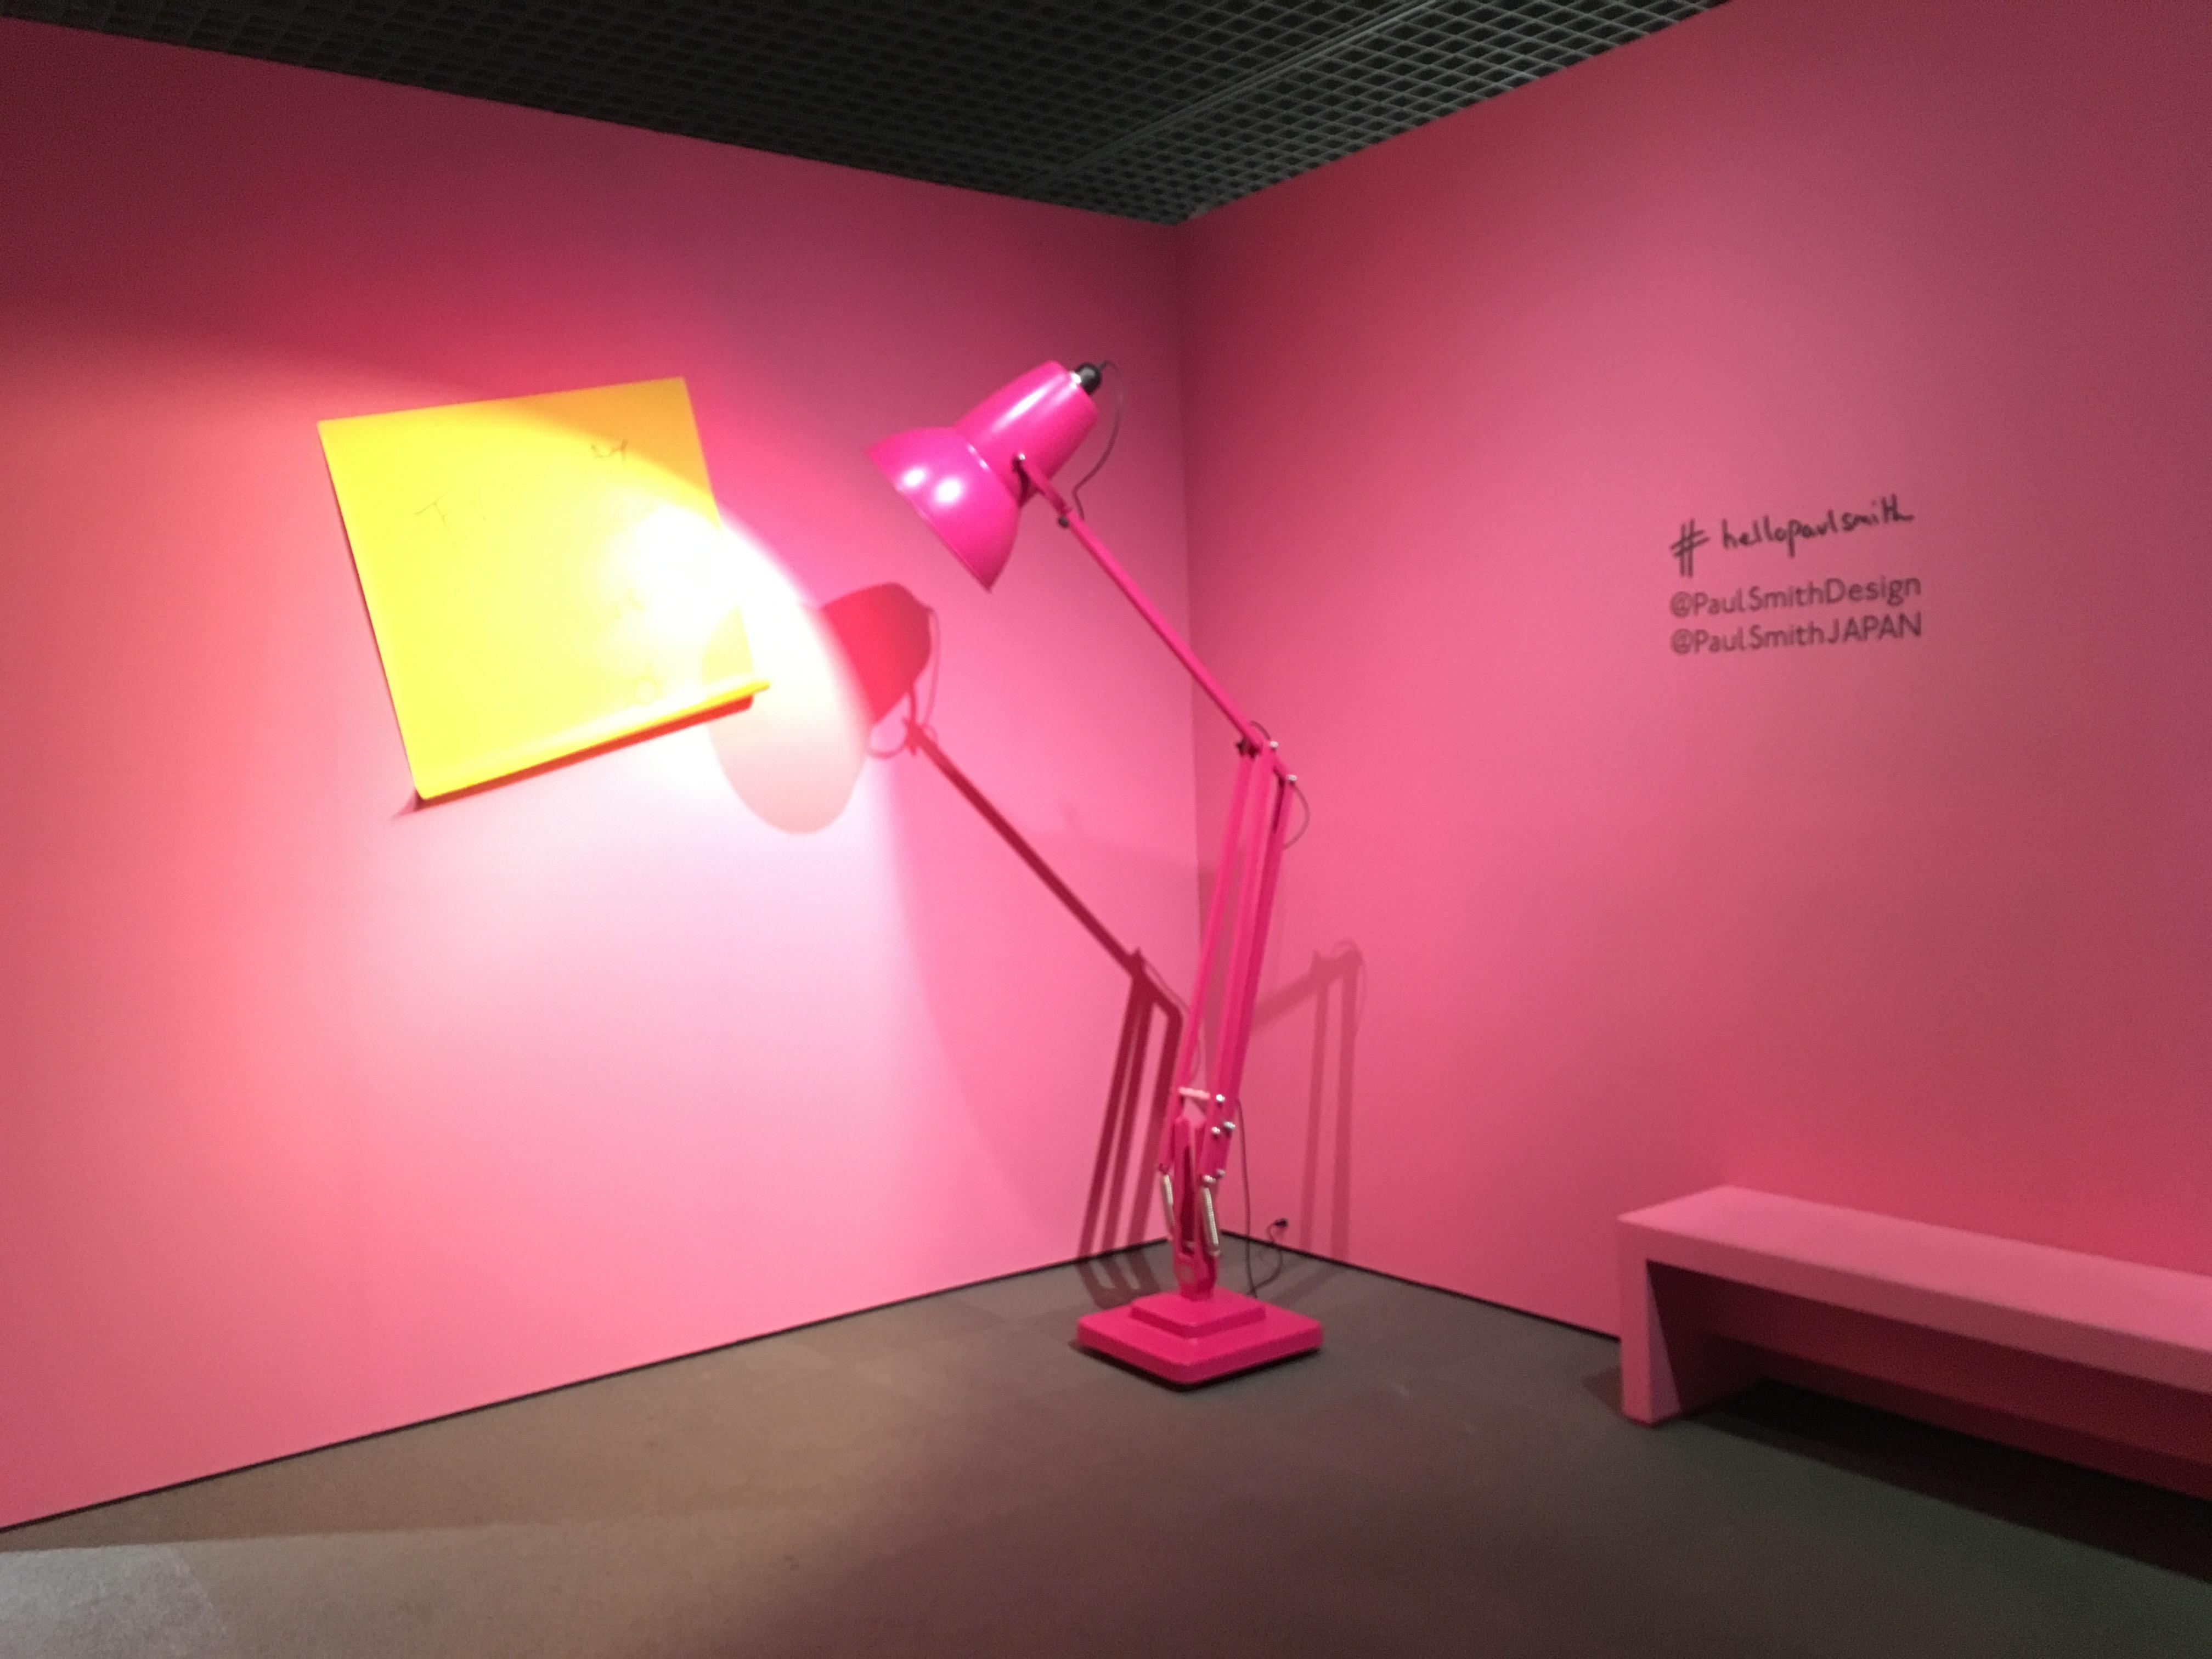 カラフルな作品と展示に心躍る!「ポール・スミス展」 in 名古屋体験レポート - c0d868085a6a796db836618bf8221ede